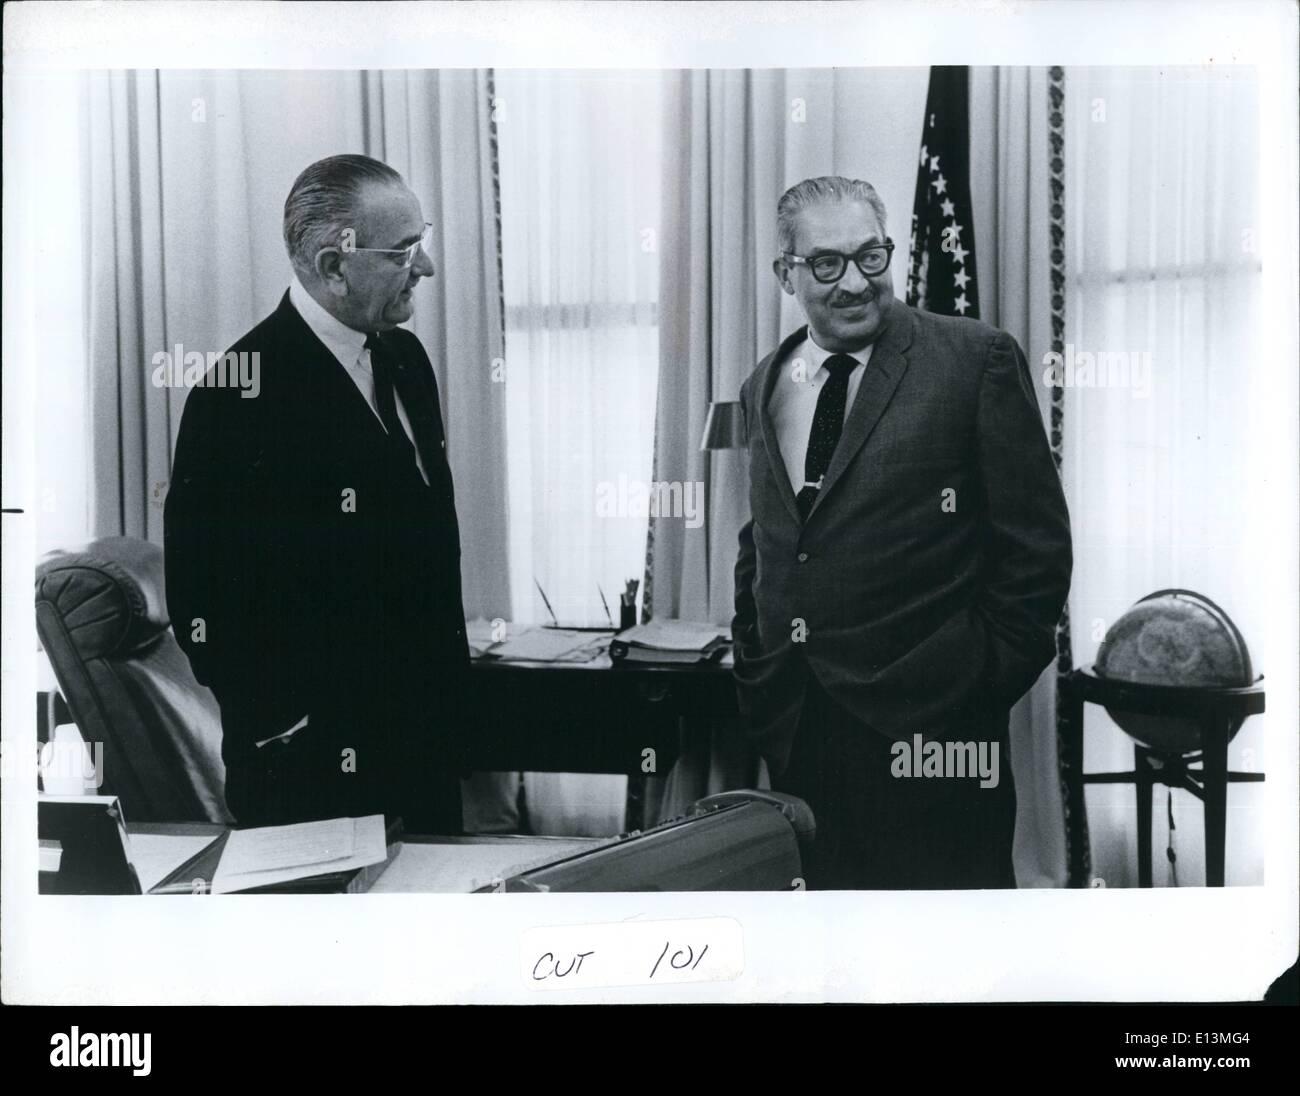 Martes 22 de marzo, 2012 - La postura relajada y la traza de una sonrisa, como en la visita de la Casa Blanca con Foto de stock